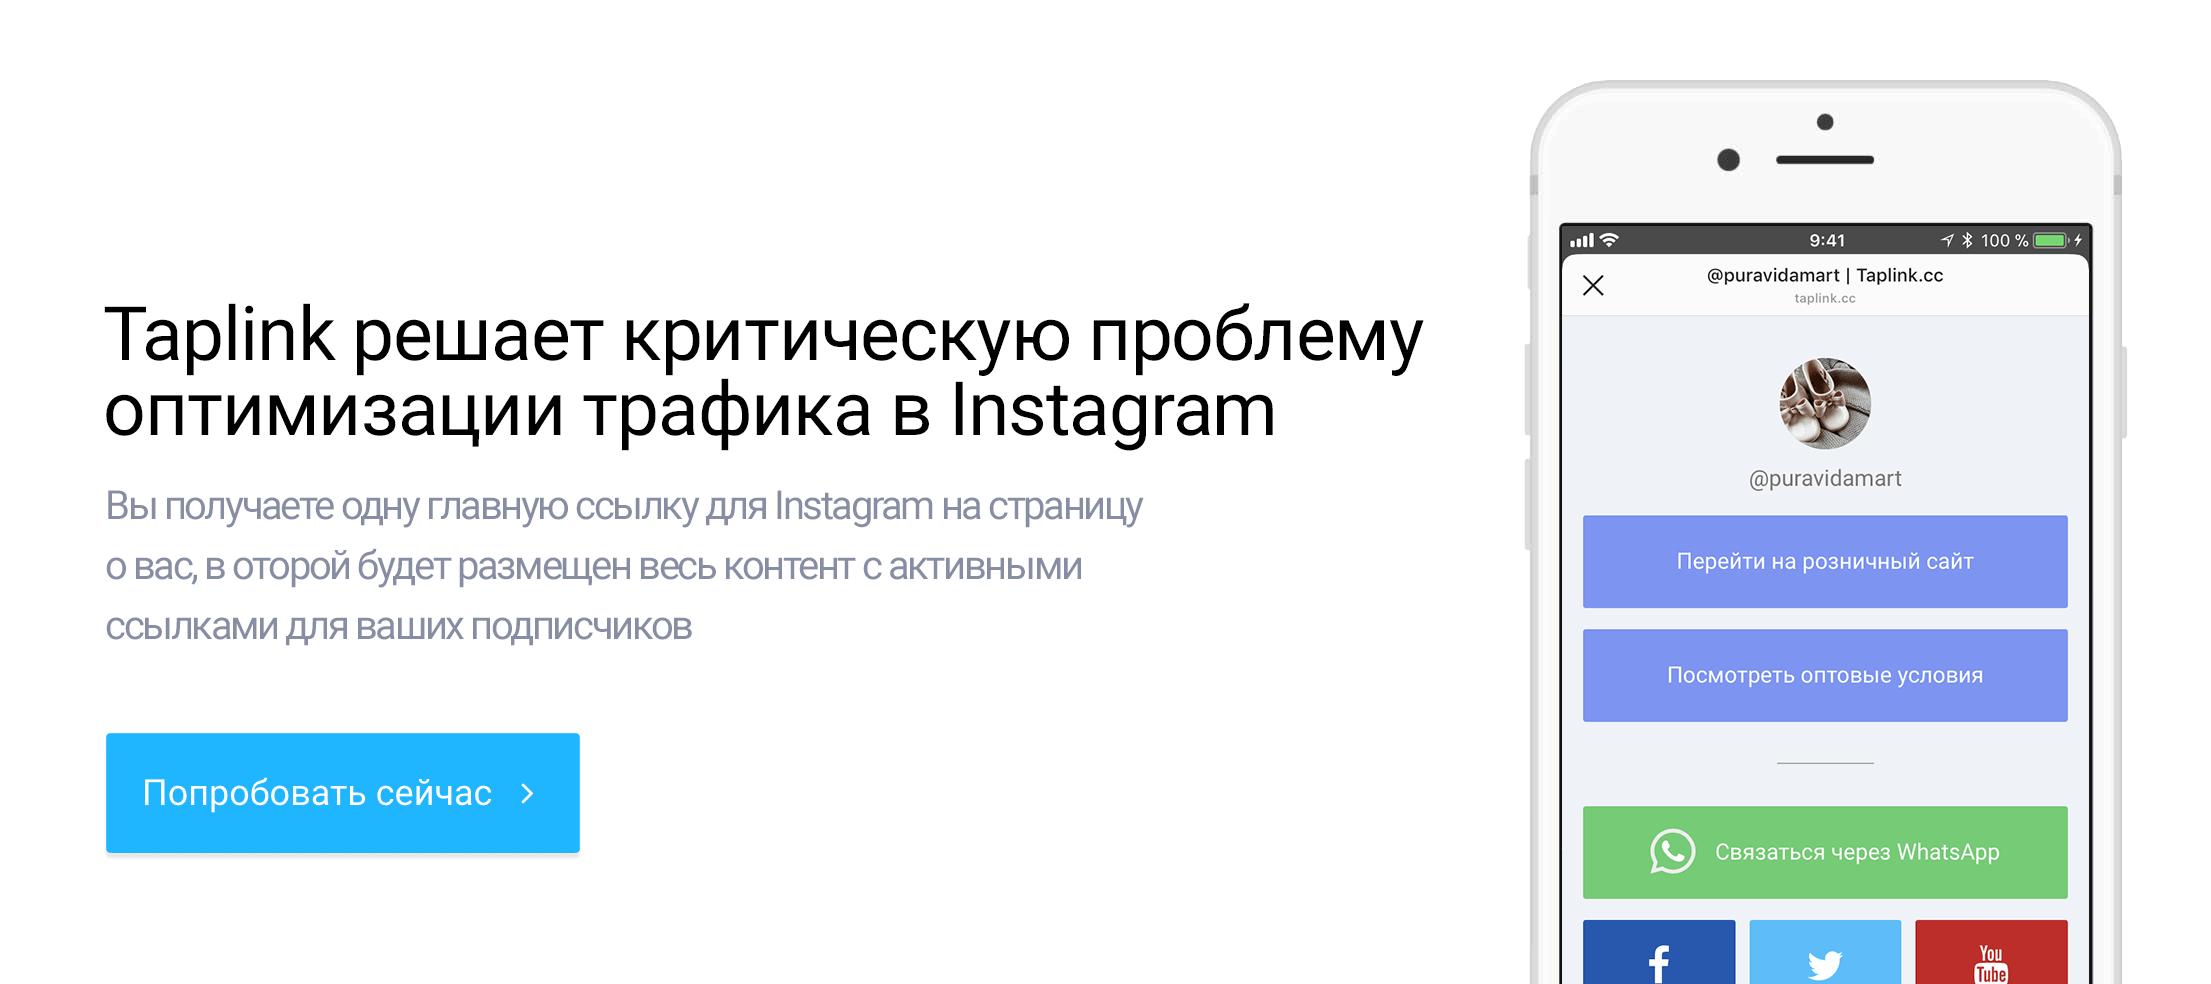 chto takoe taplink v instagram nastrojka i primenenie